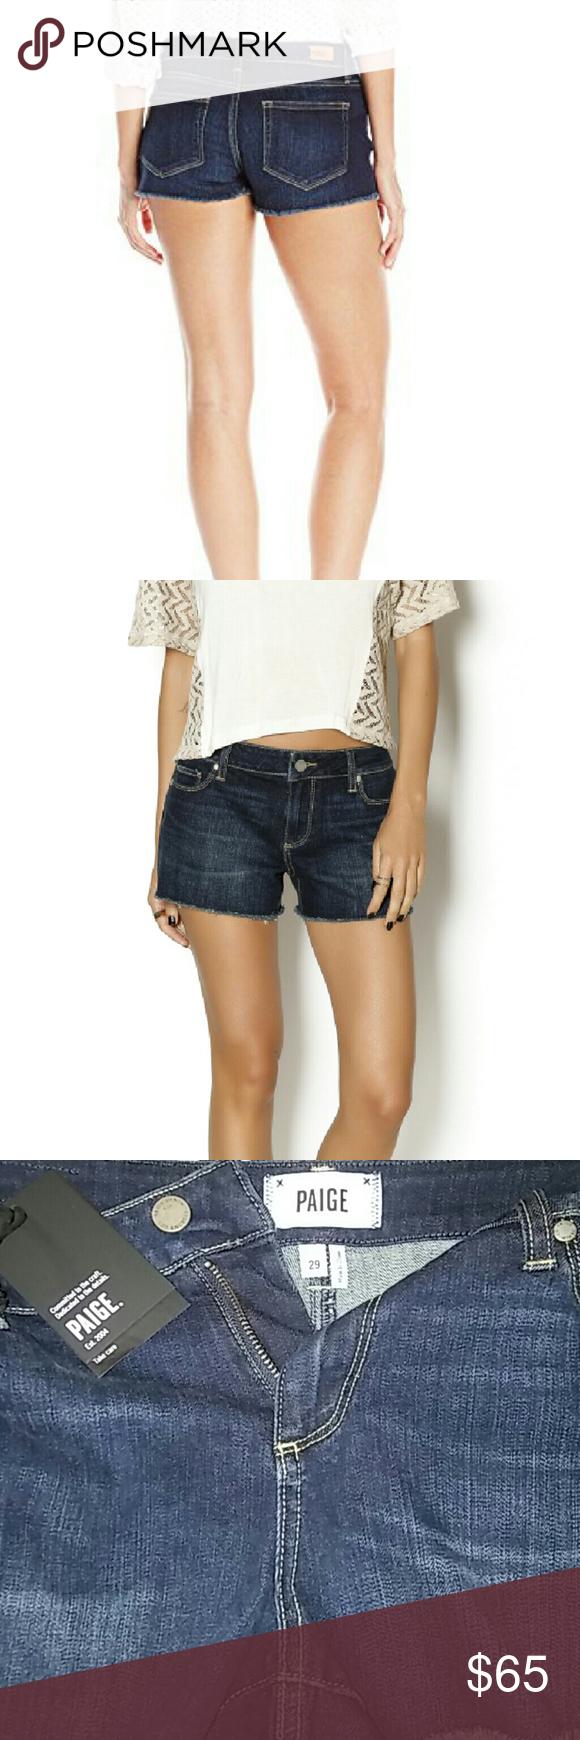 PAIGE Short PAIGE BOBBY Short, 99% Cotton, 1% Elastane. ( Excluded bundles). PAIGE Shorts Jean Shorts